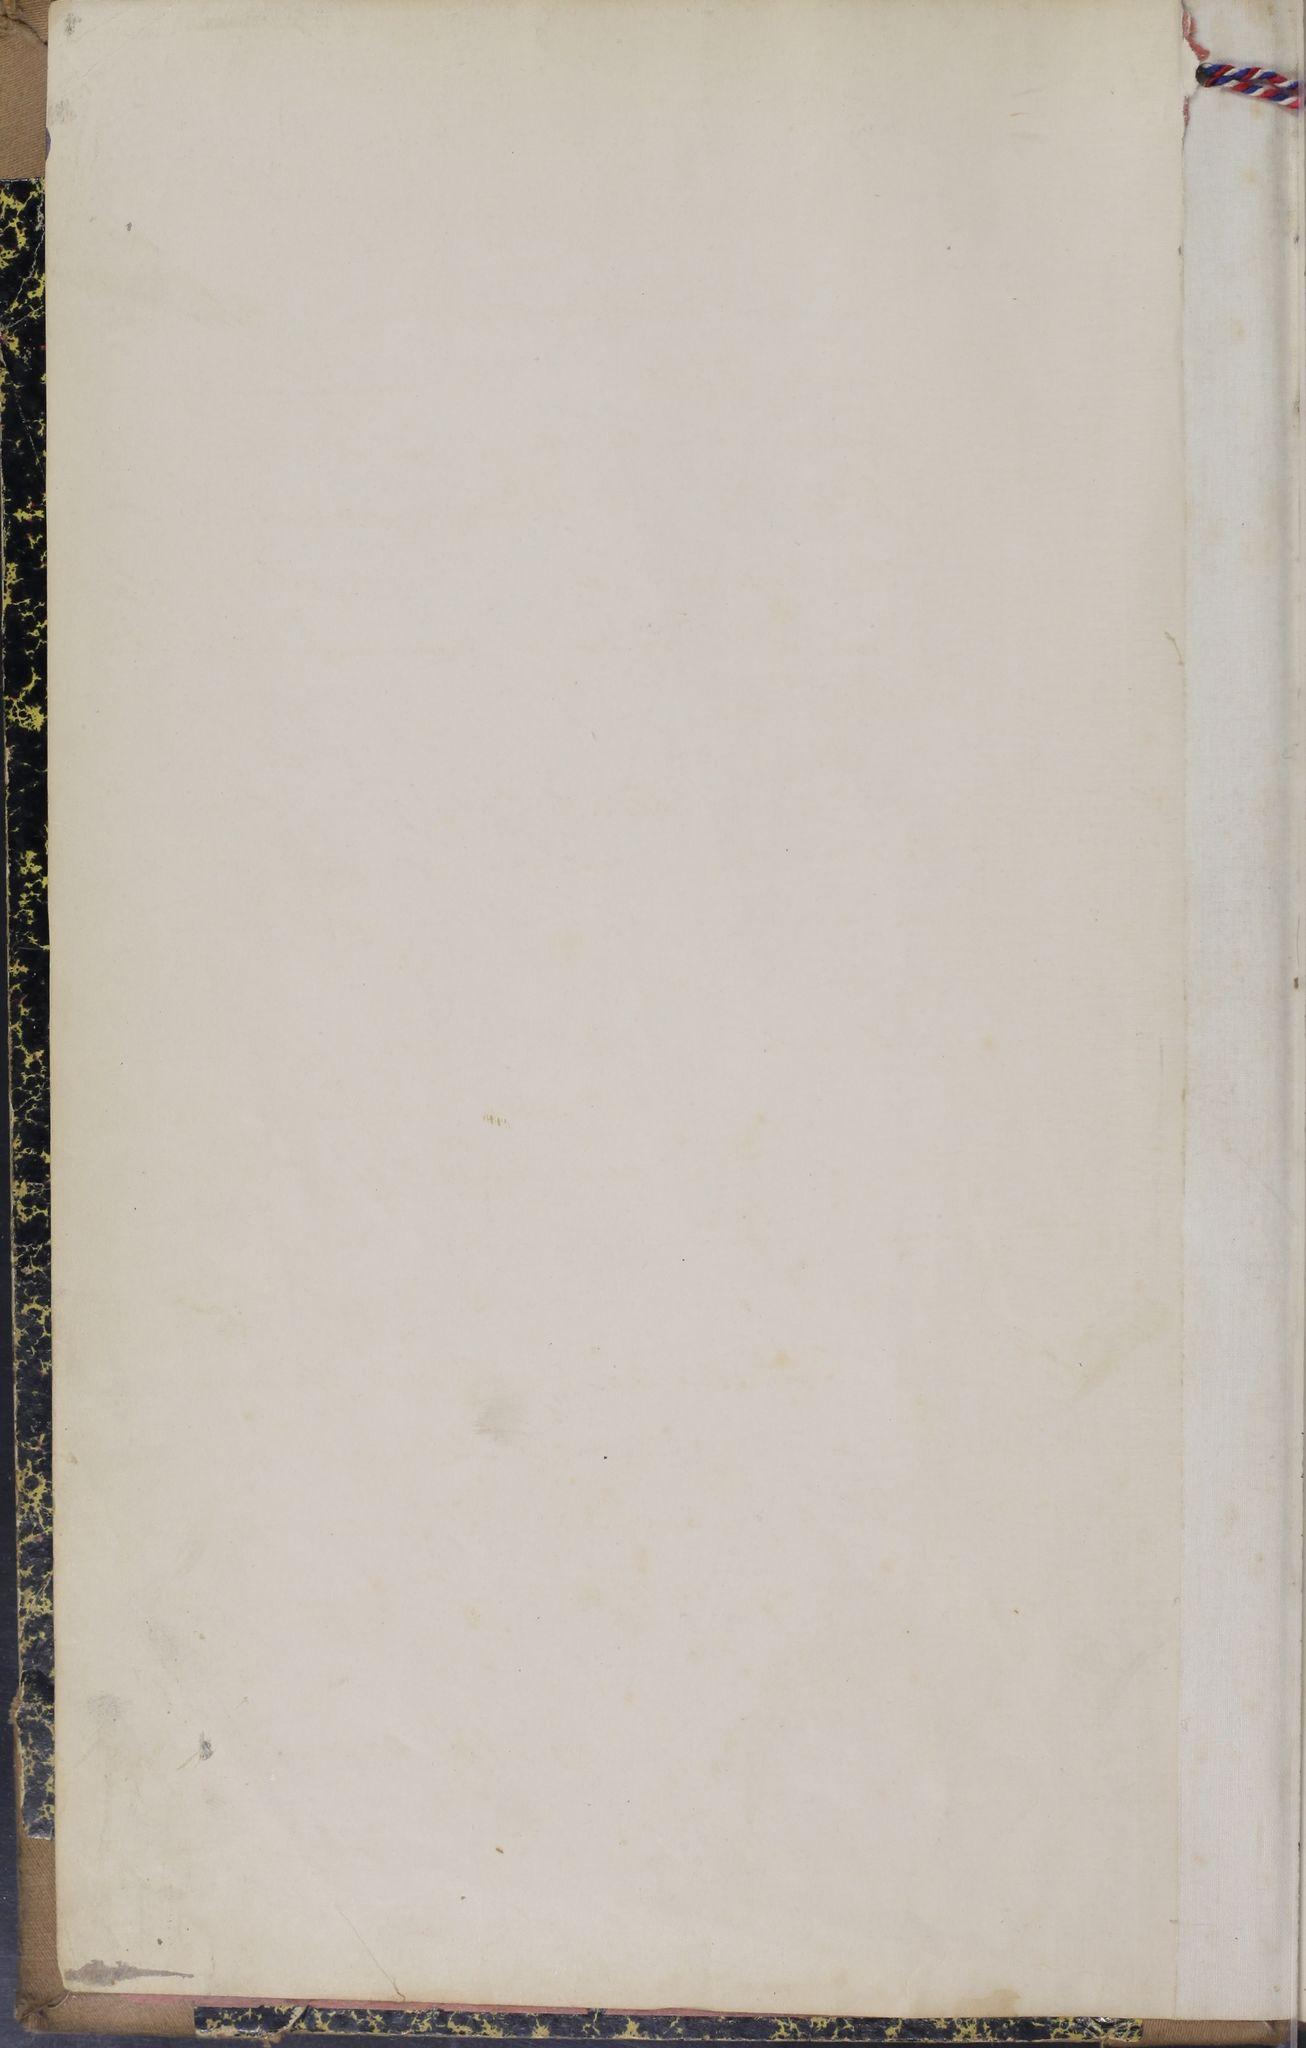 AIN, Brønnøy kommune. Formannskapet, A/Aa/L0002b: Møtebok , 1899-1900